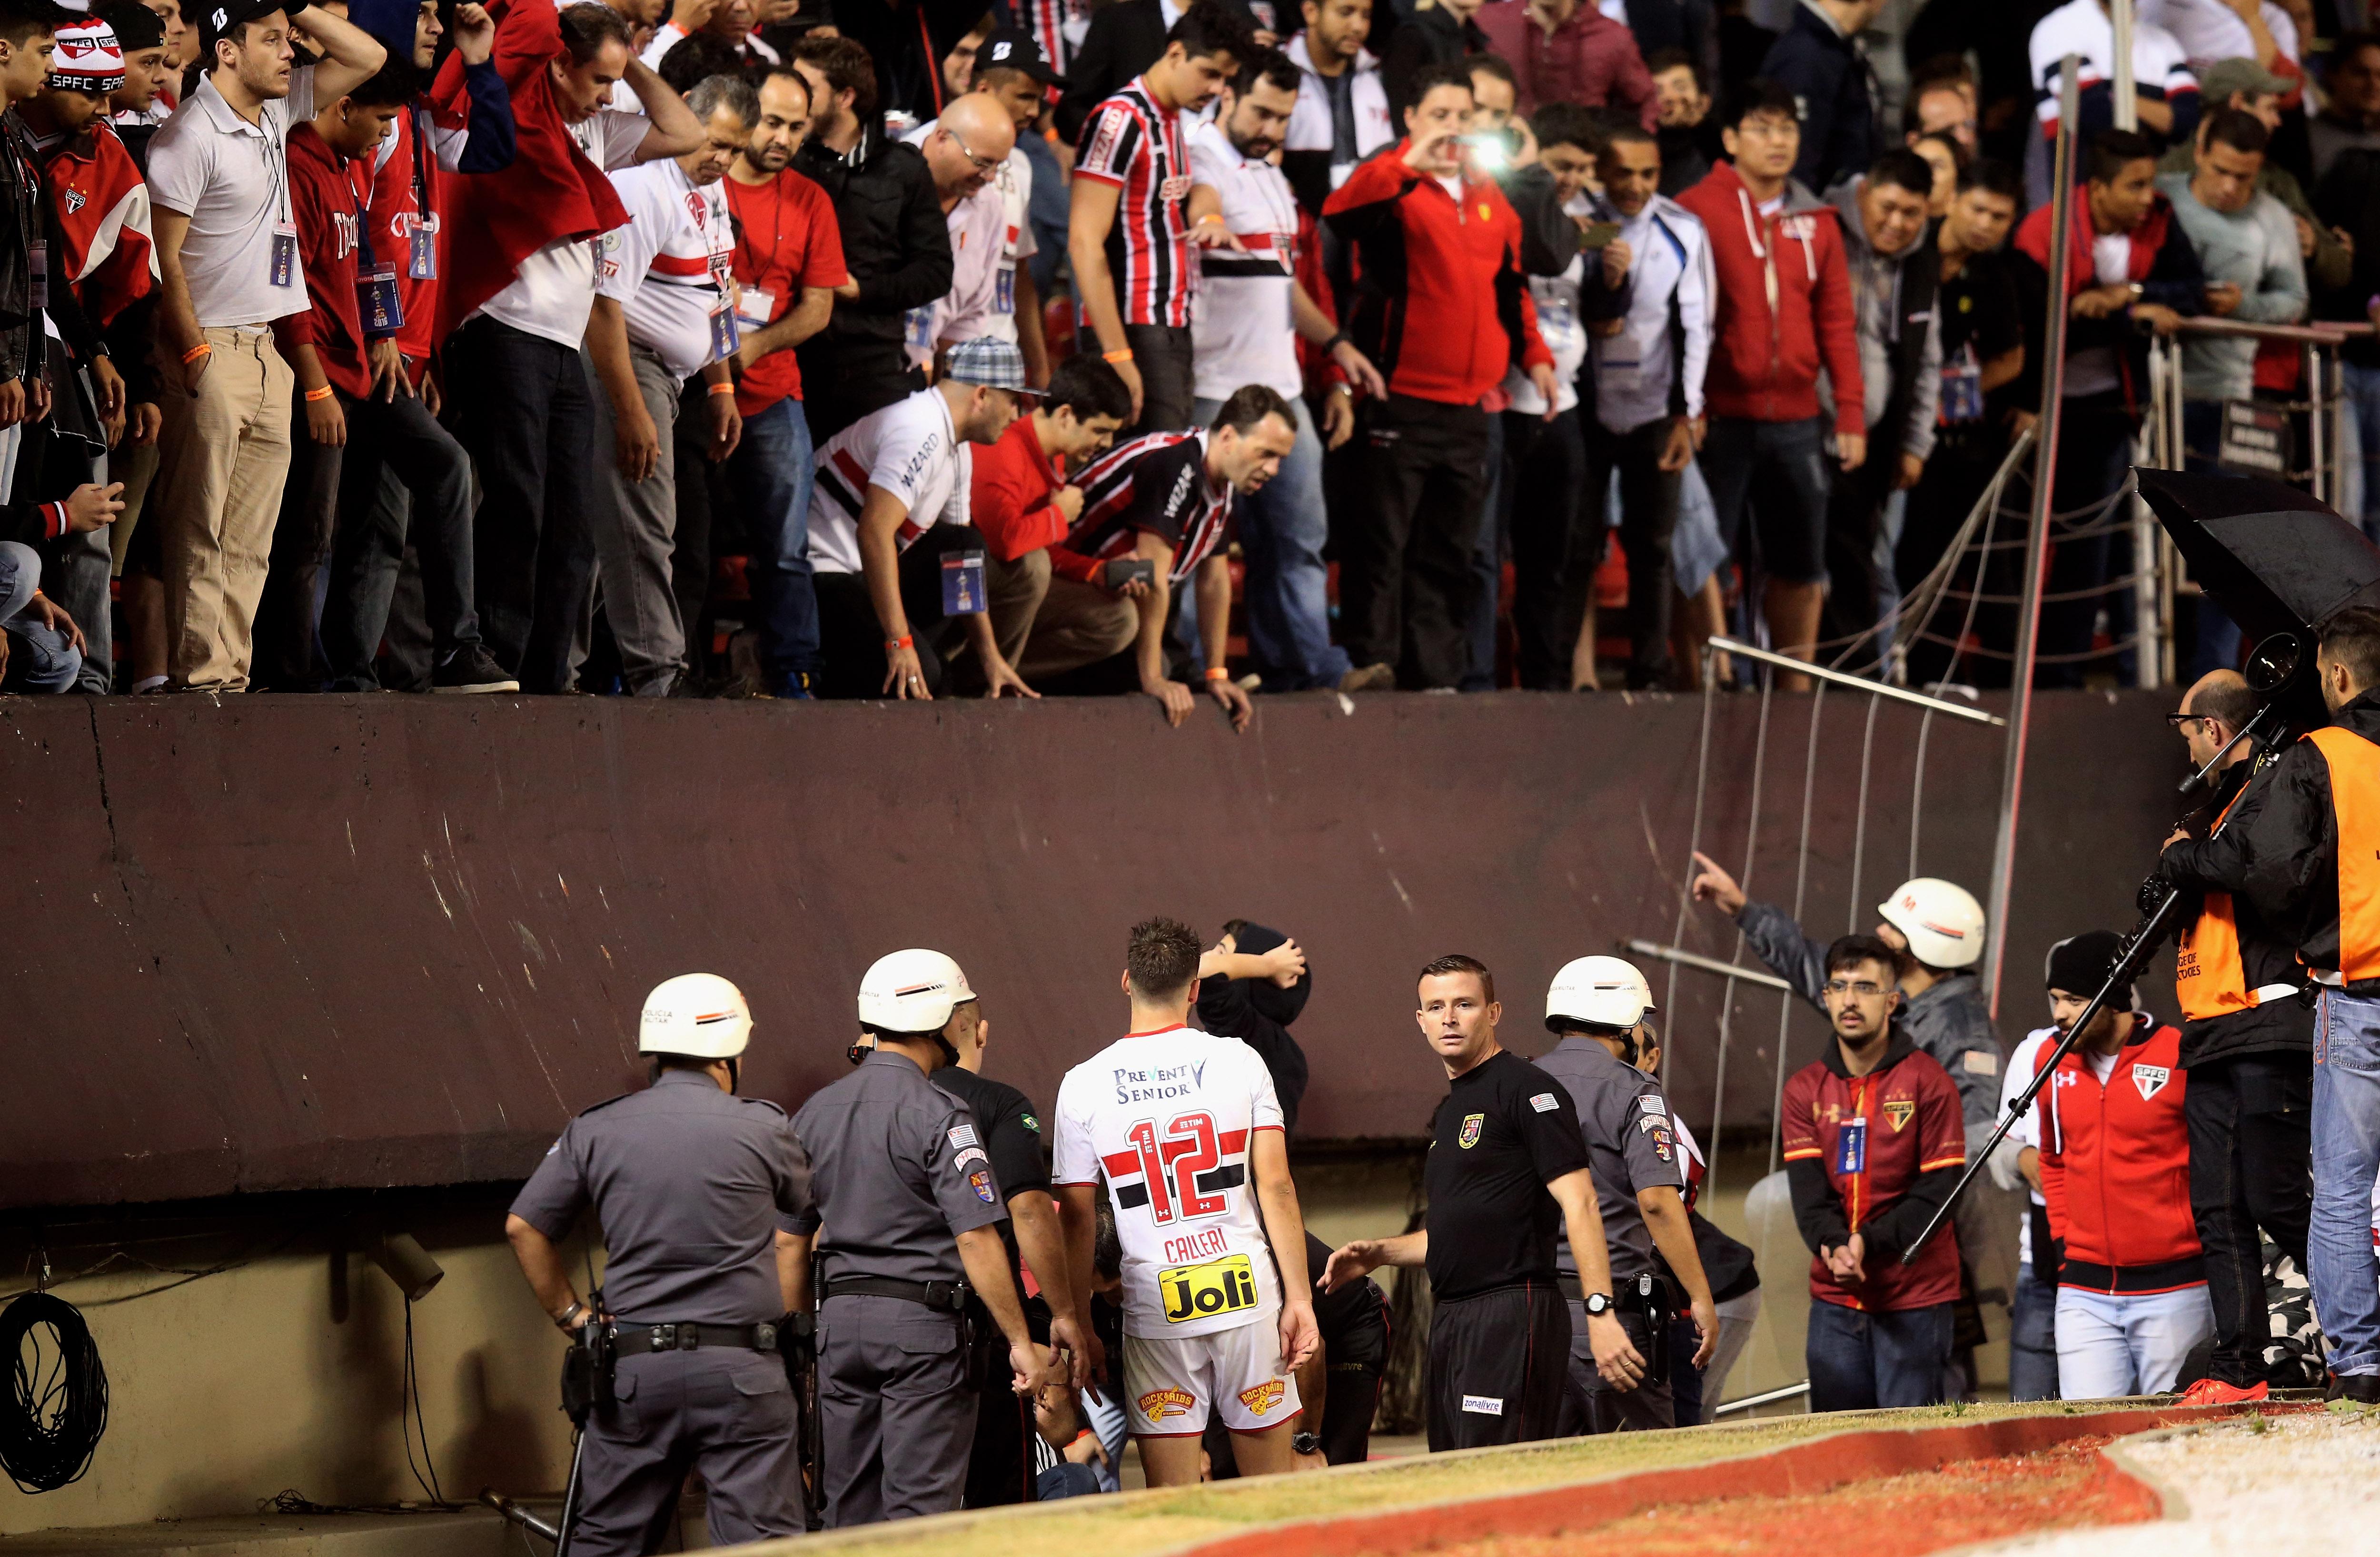 Lesionados en el Morumbí tras desplomarse una grada durante el juego de Sao Paulo